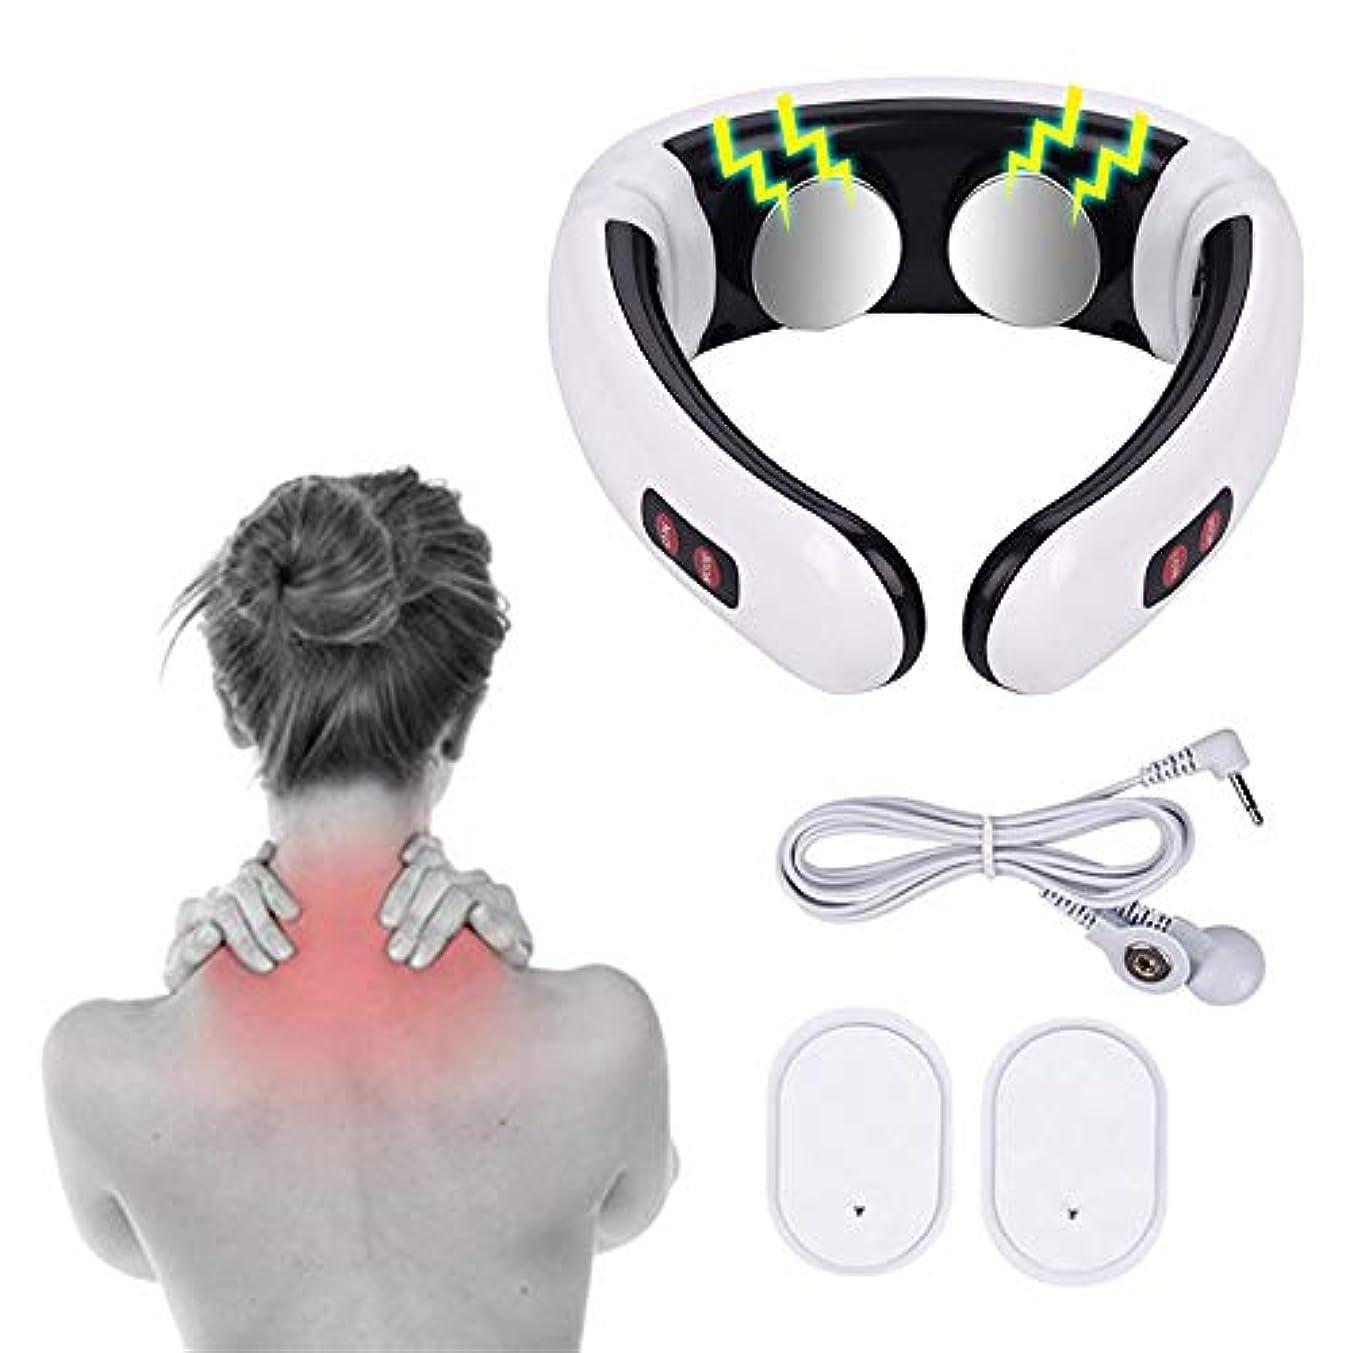 増加する自発間隔1 PC Electric Pulse Back and Neck Massager Far Infrared Pain Relief Tool Health Care Relaxation Multifunctional...